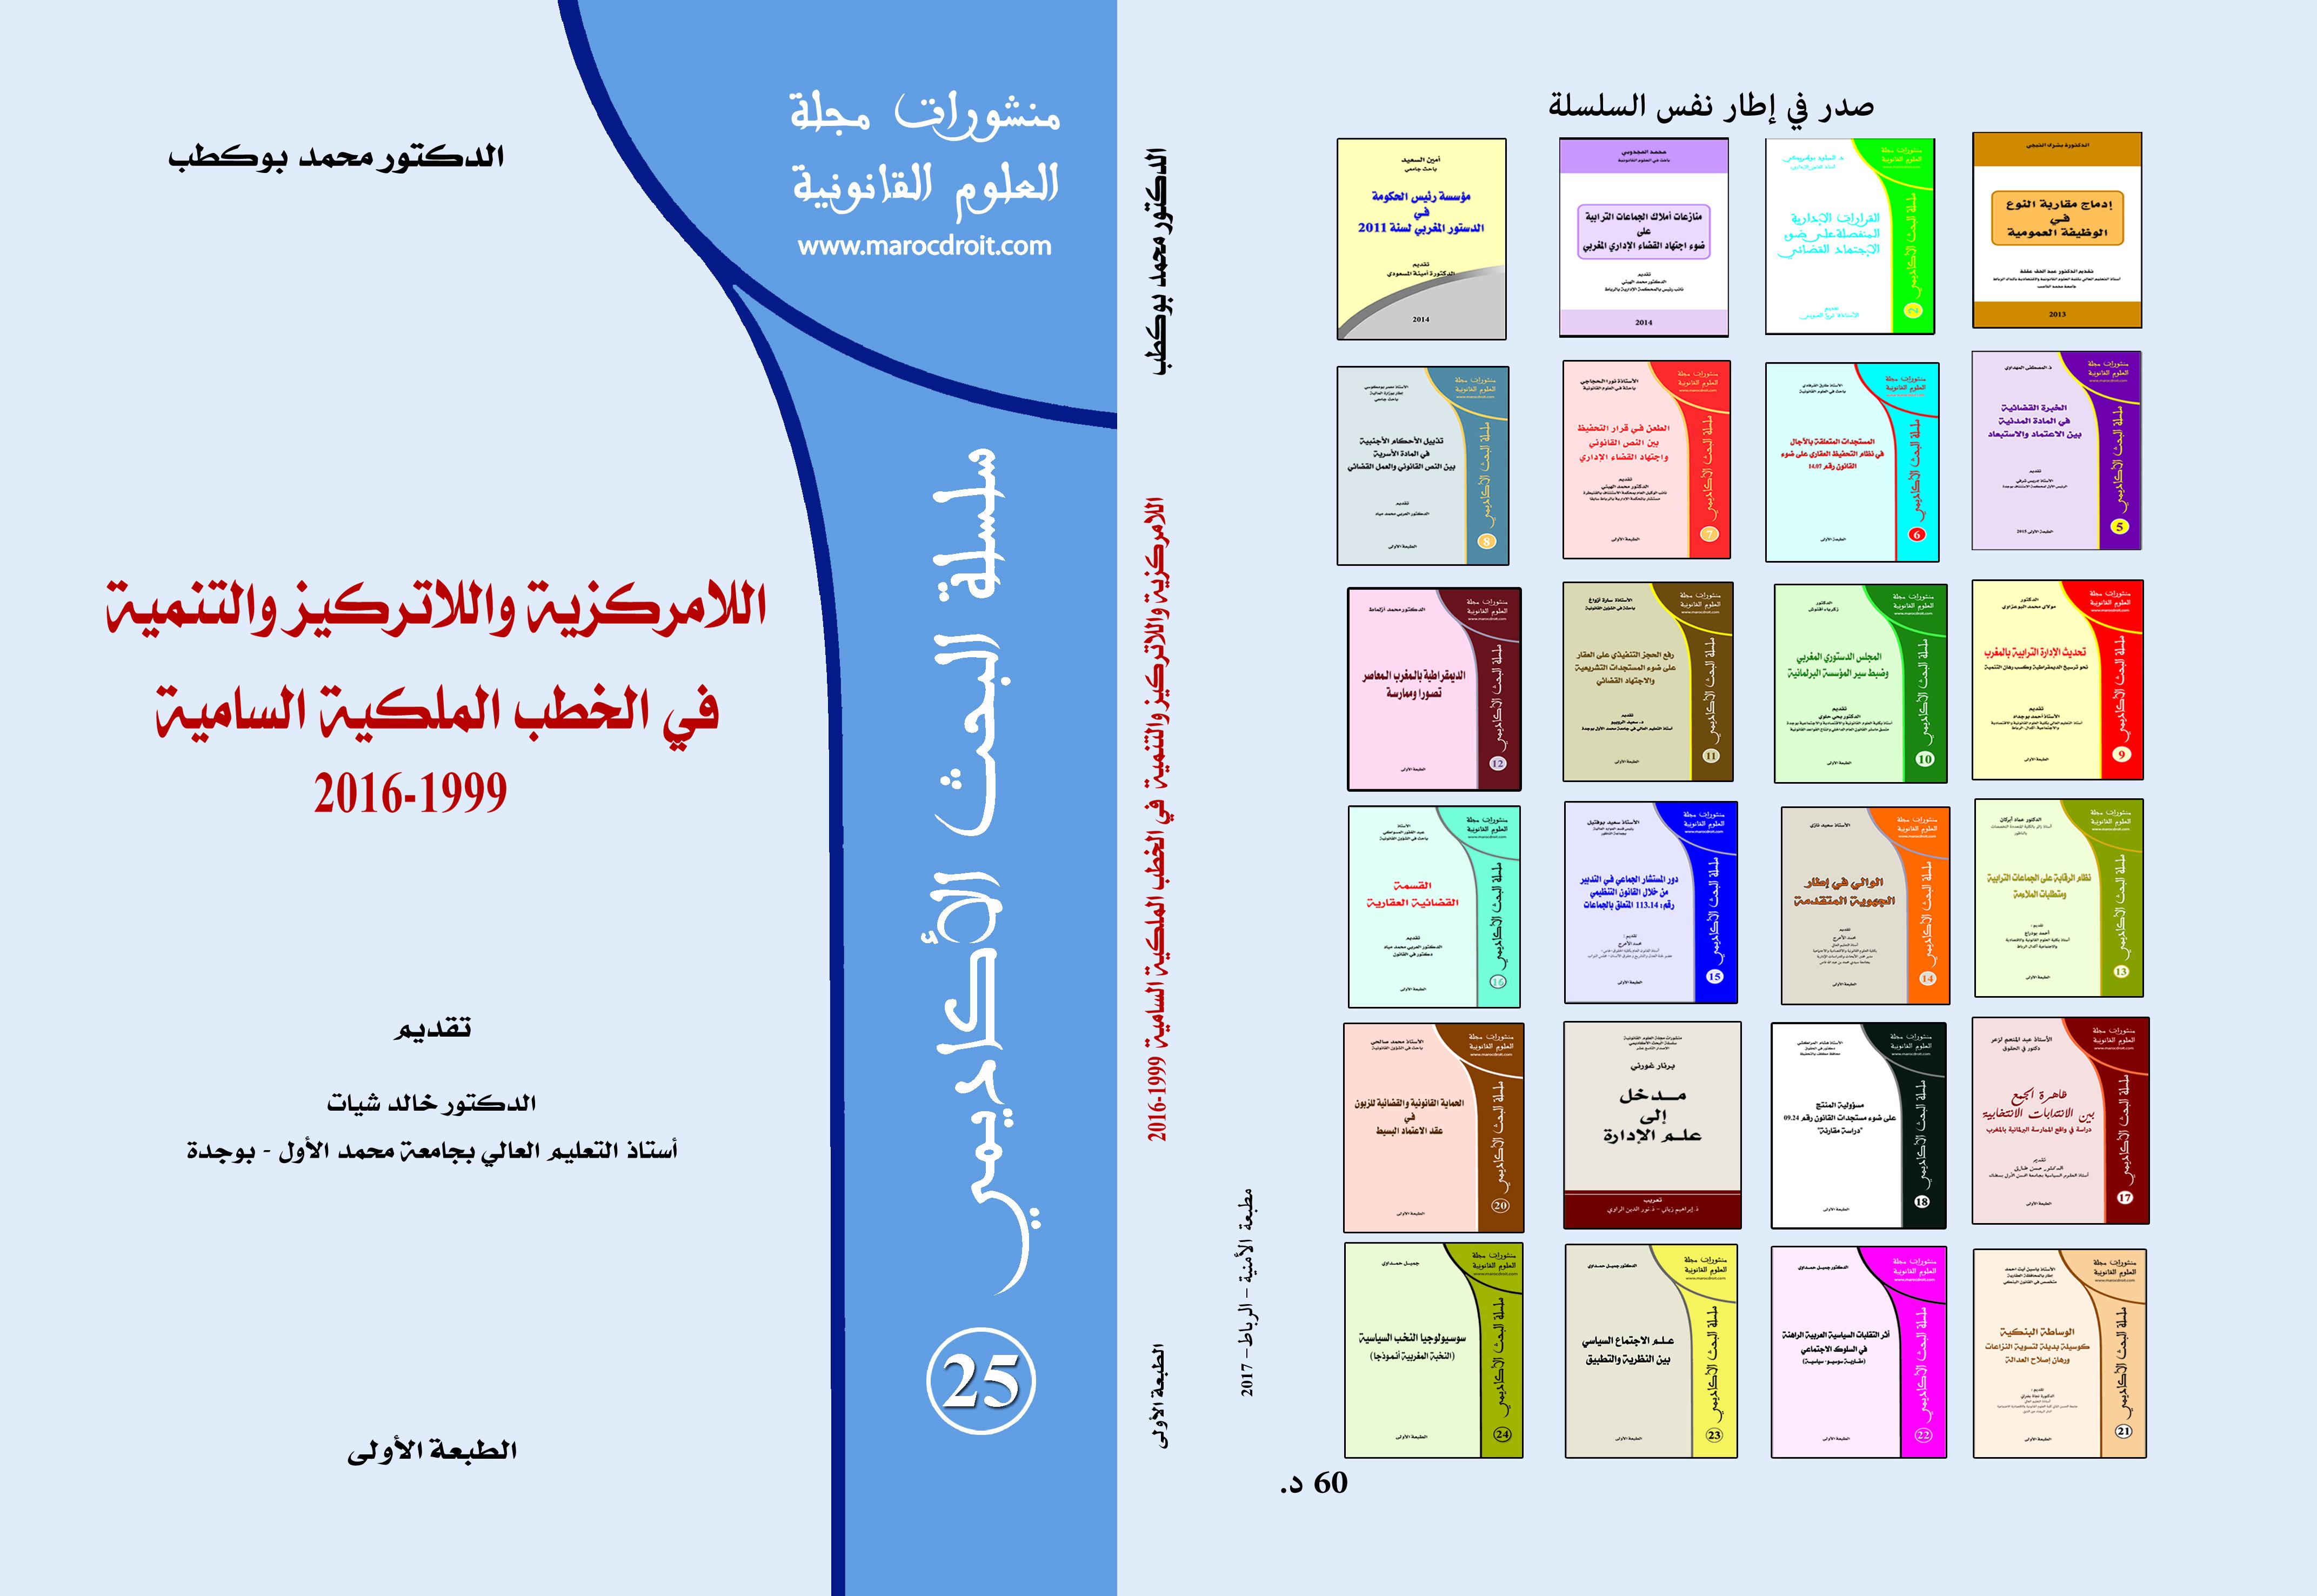 اللامركزية واللاتركيز والتنمية في الخطب الملكية السامية 1999-2016